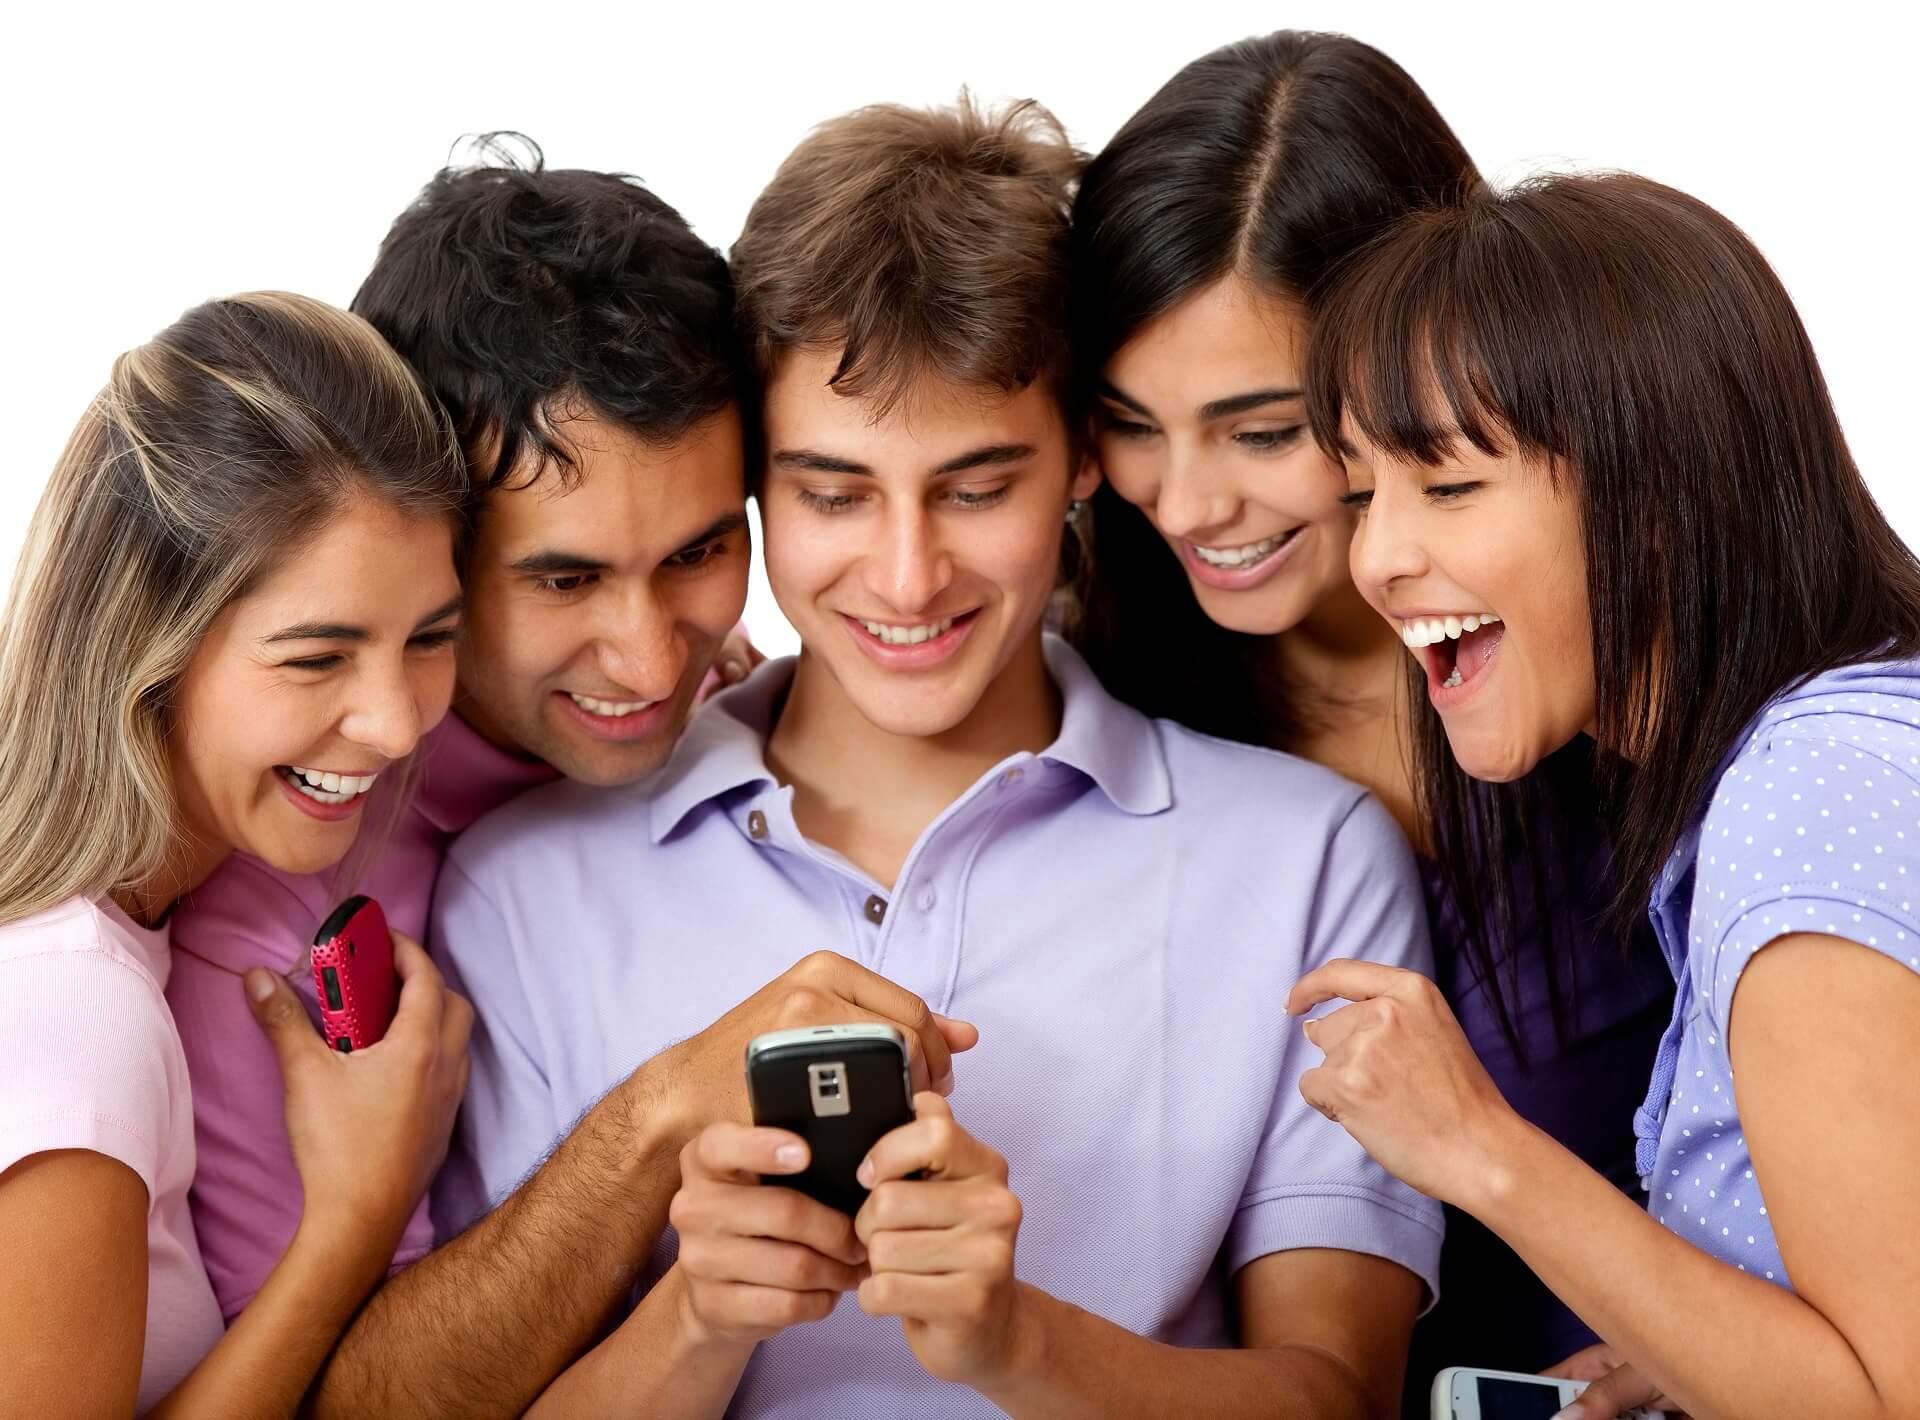 Viele Handyverträge verlängern sich automatisch um zwölf Monate, wenn sie nicht drei Monate vor Ablauf gekündigt werden. Günstige Konditionen gibt es oft nur für Neukunden.